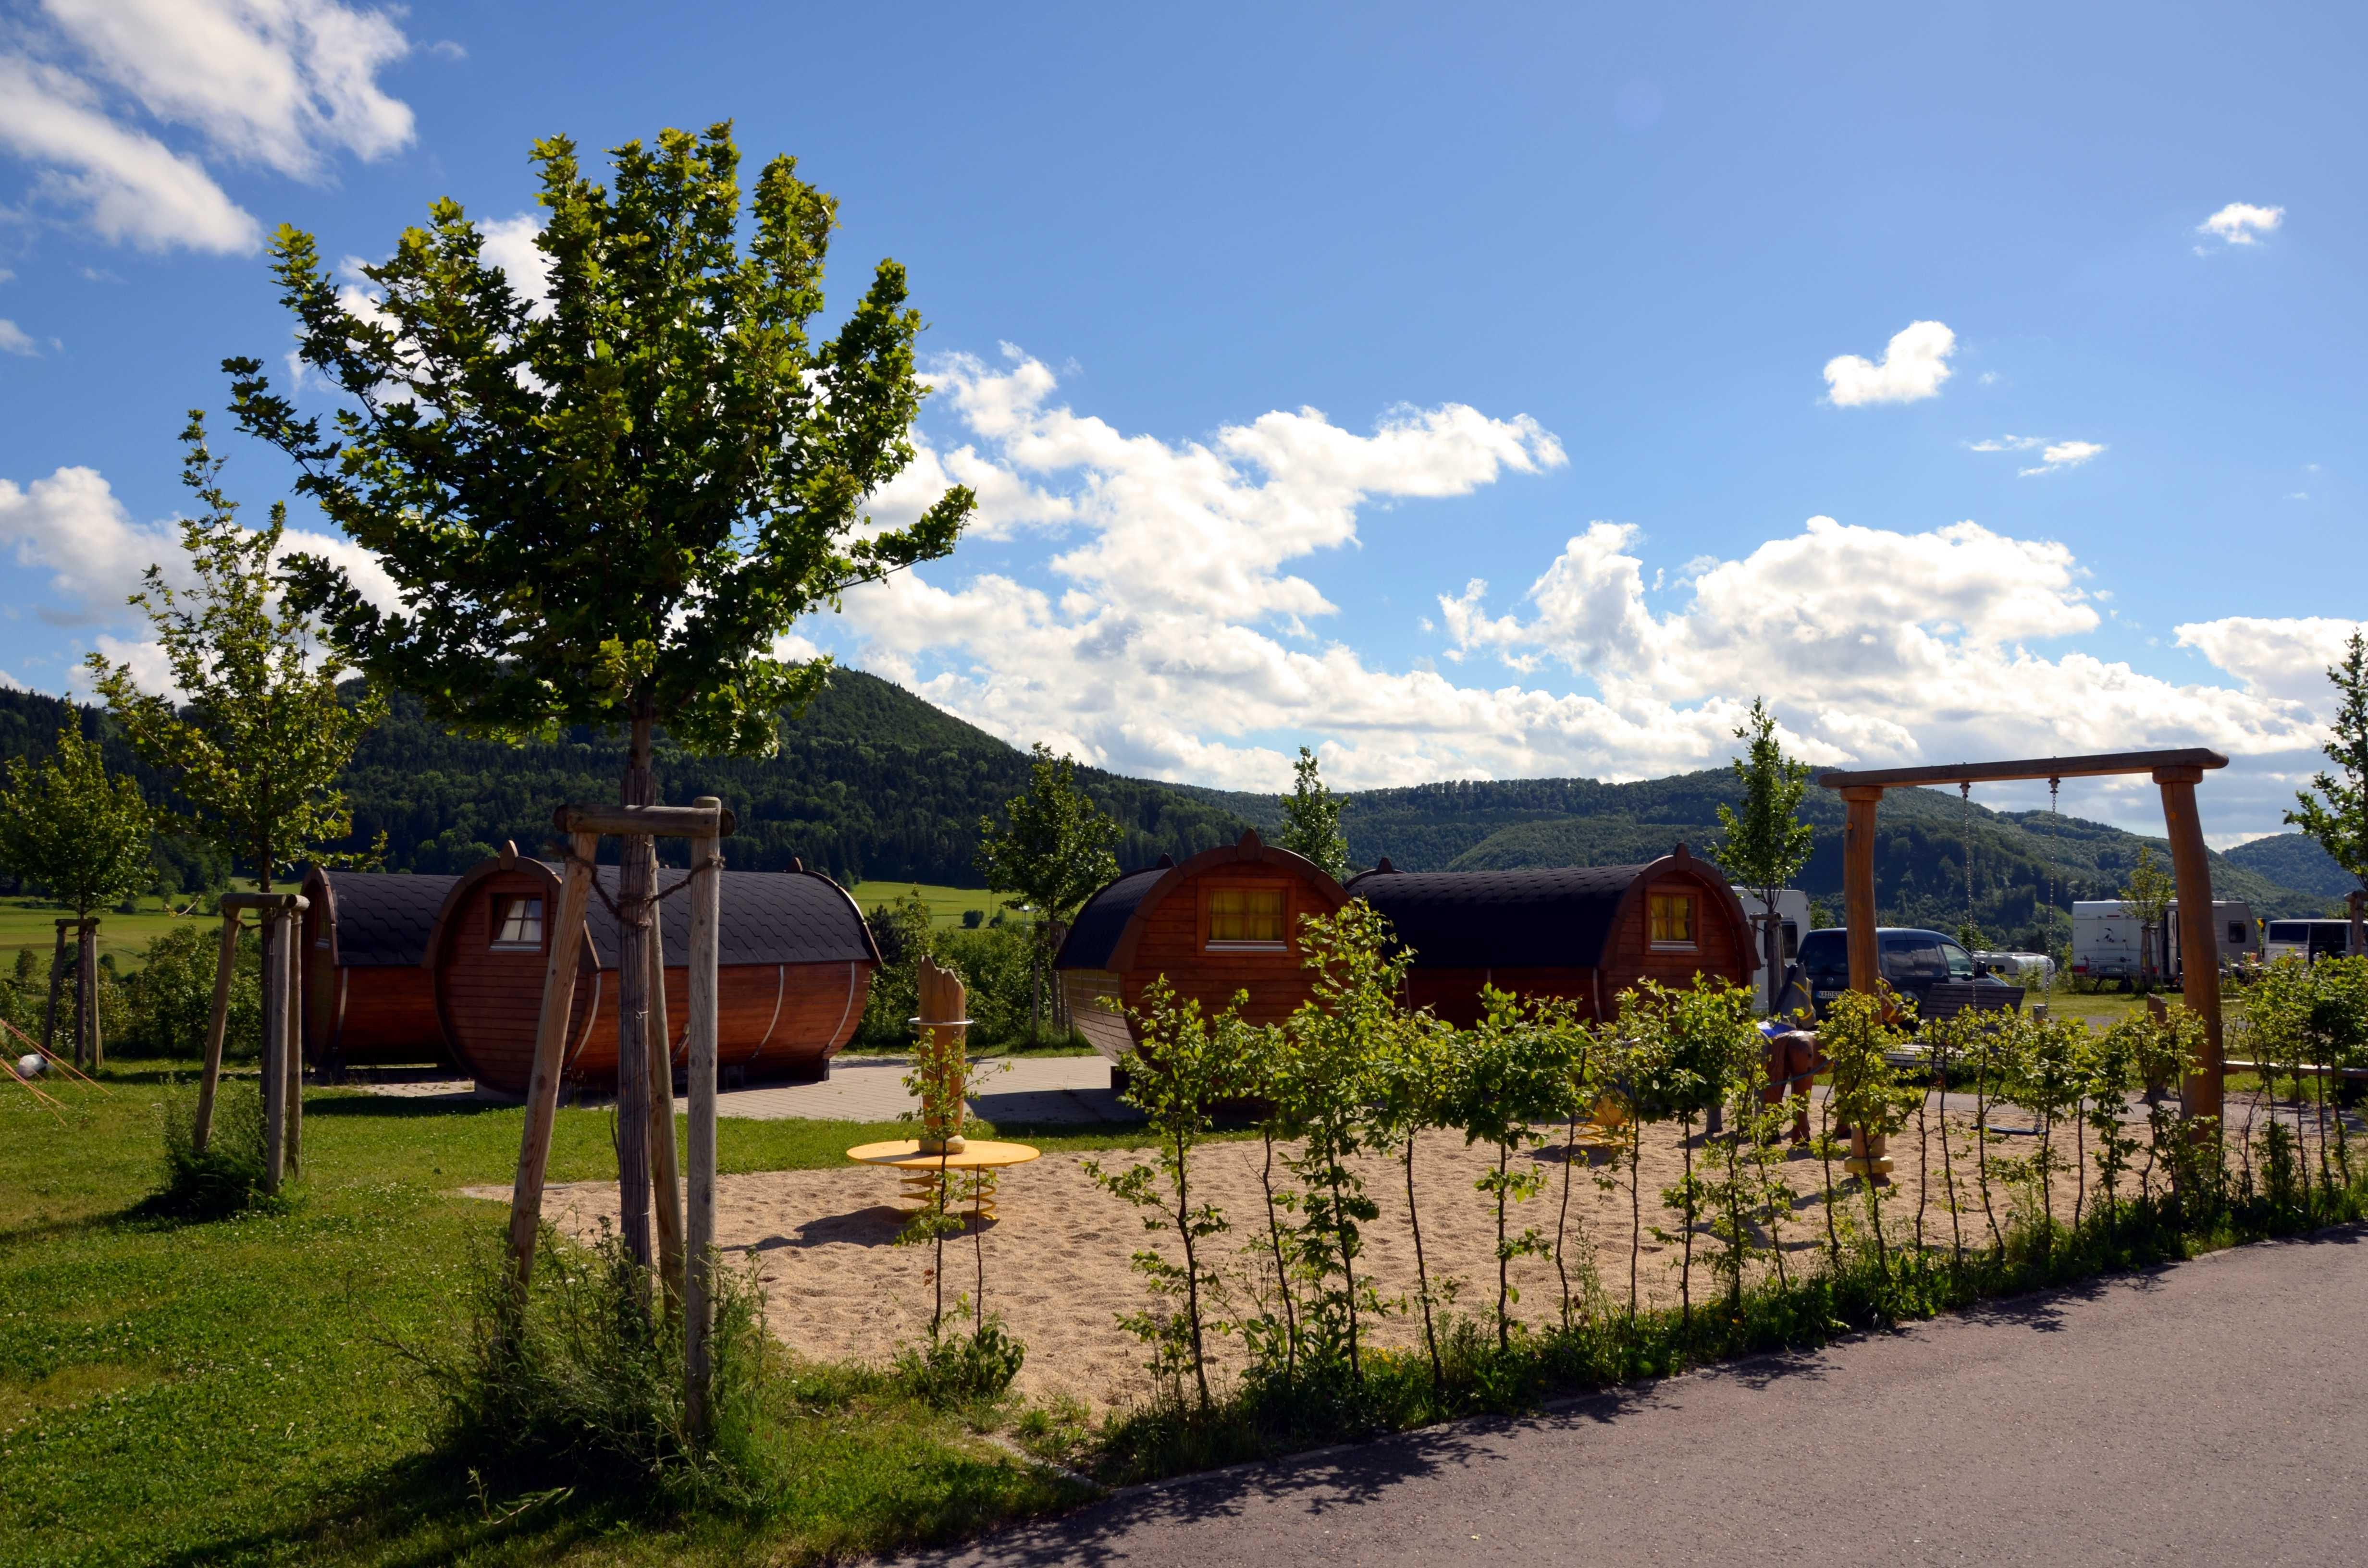 Camping In Baden Württemberg Die Schönsten Campingplätze Pincamp